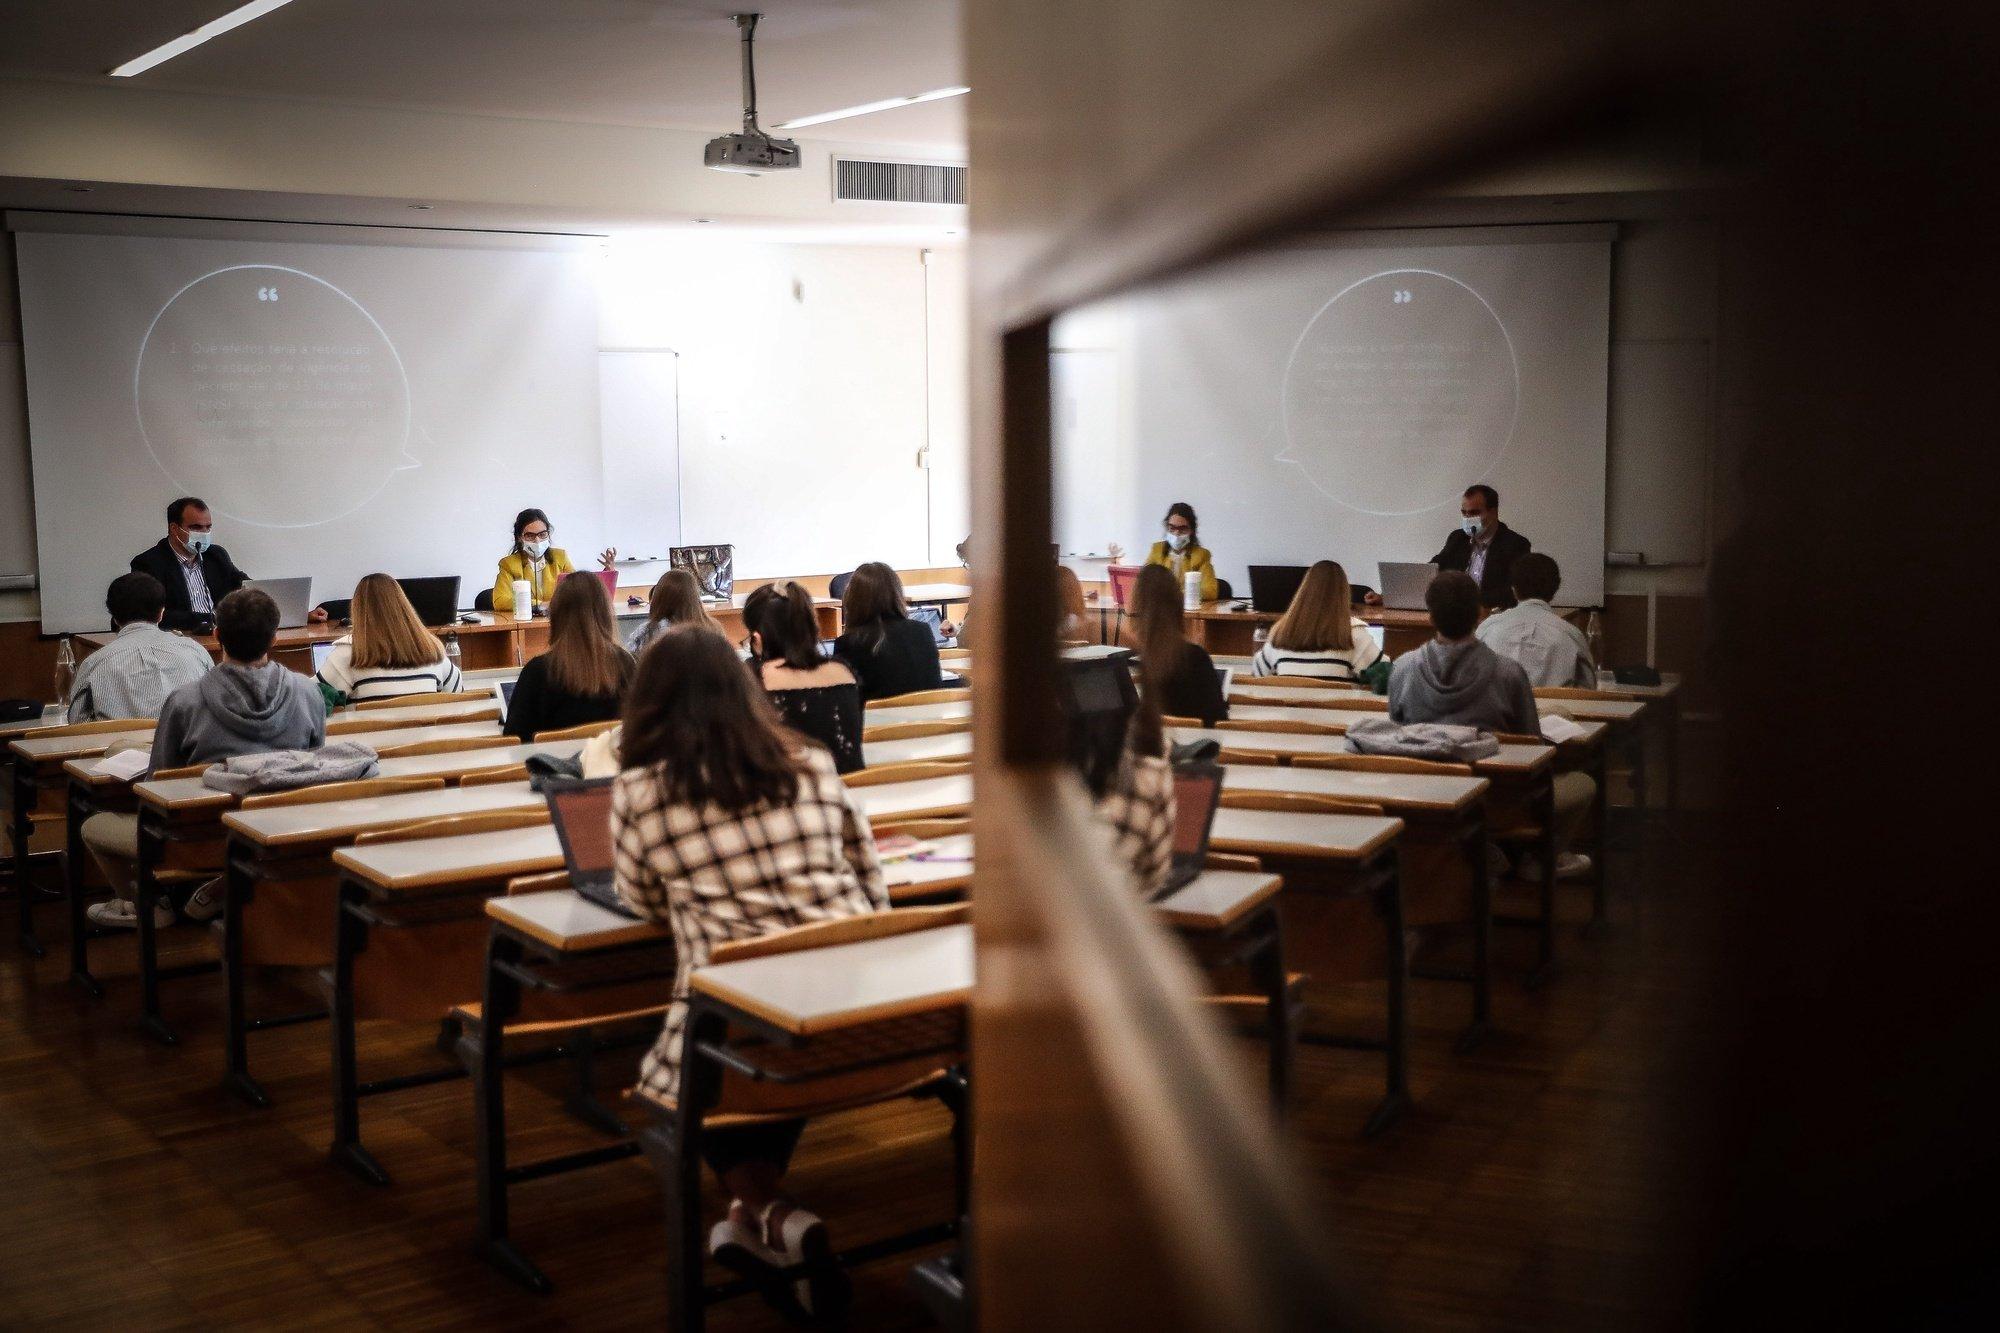 Alunos frequentam uma aula Direito Constitucional no dia do regresso às aulas na Faculdade de Direito da Universidade de Lisboa, no âmbito das novas medidas de desconfinamento relacionadas com a pandemia da covid-19, no Campus de Campolide, em Lisboa, 19 de abril de 2021. Portugal inicia hoje a terceira fase do desconfinamento com a reabertura de mais escolas, lojas, restaurantes e cafés, um levantamento de restrições que não é acompanhado nos 10 concelhos onde a incidência da covid-19 é maior. MÁRIO CRUZ/LUSA